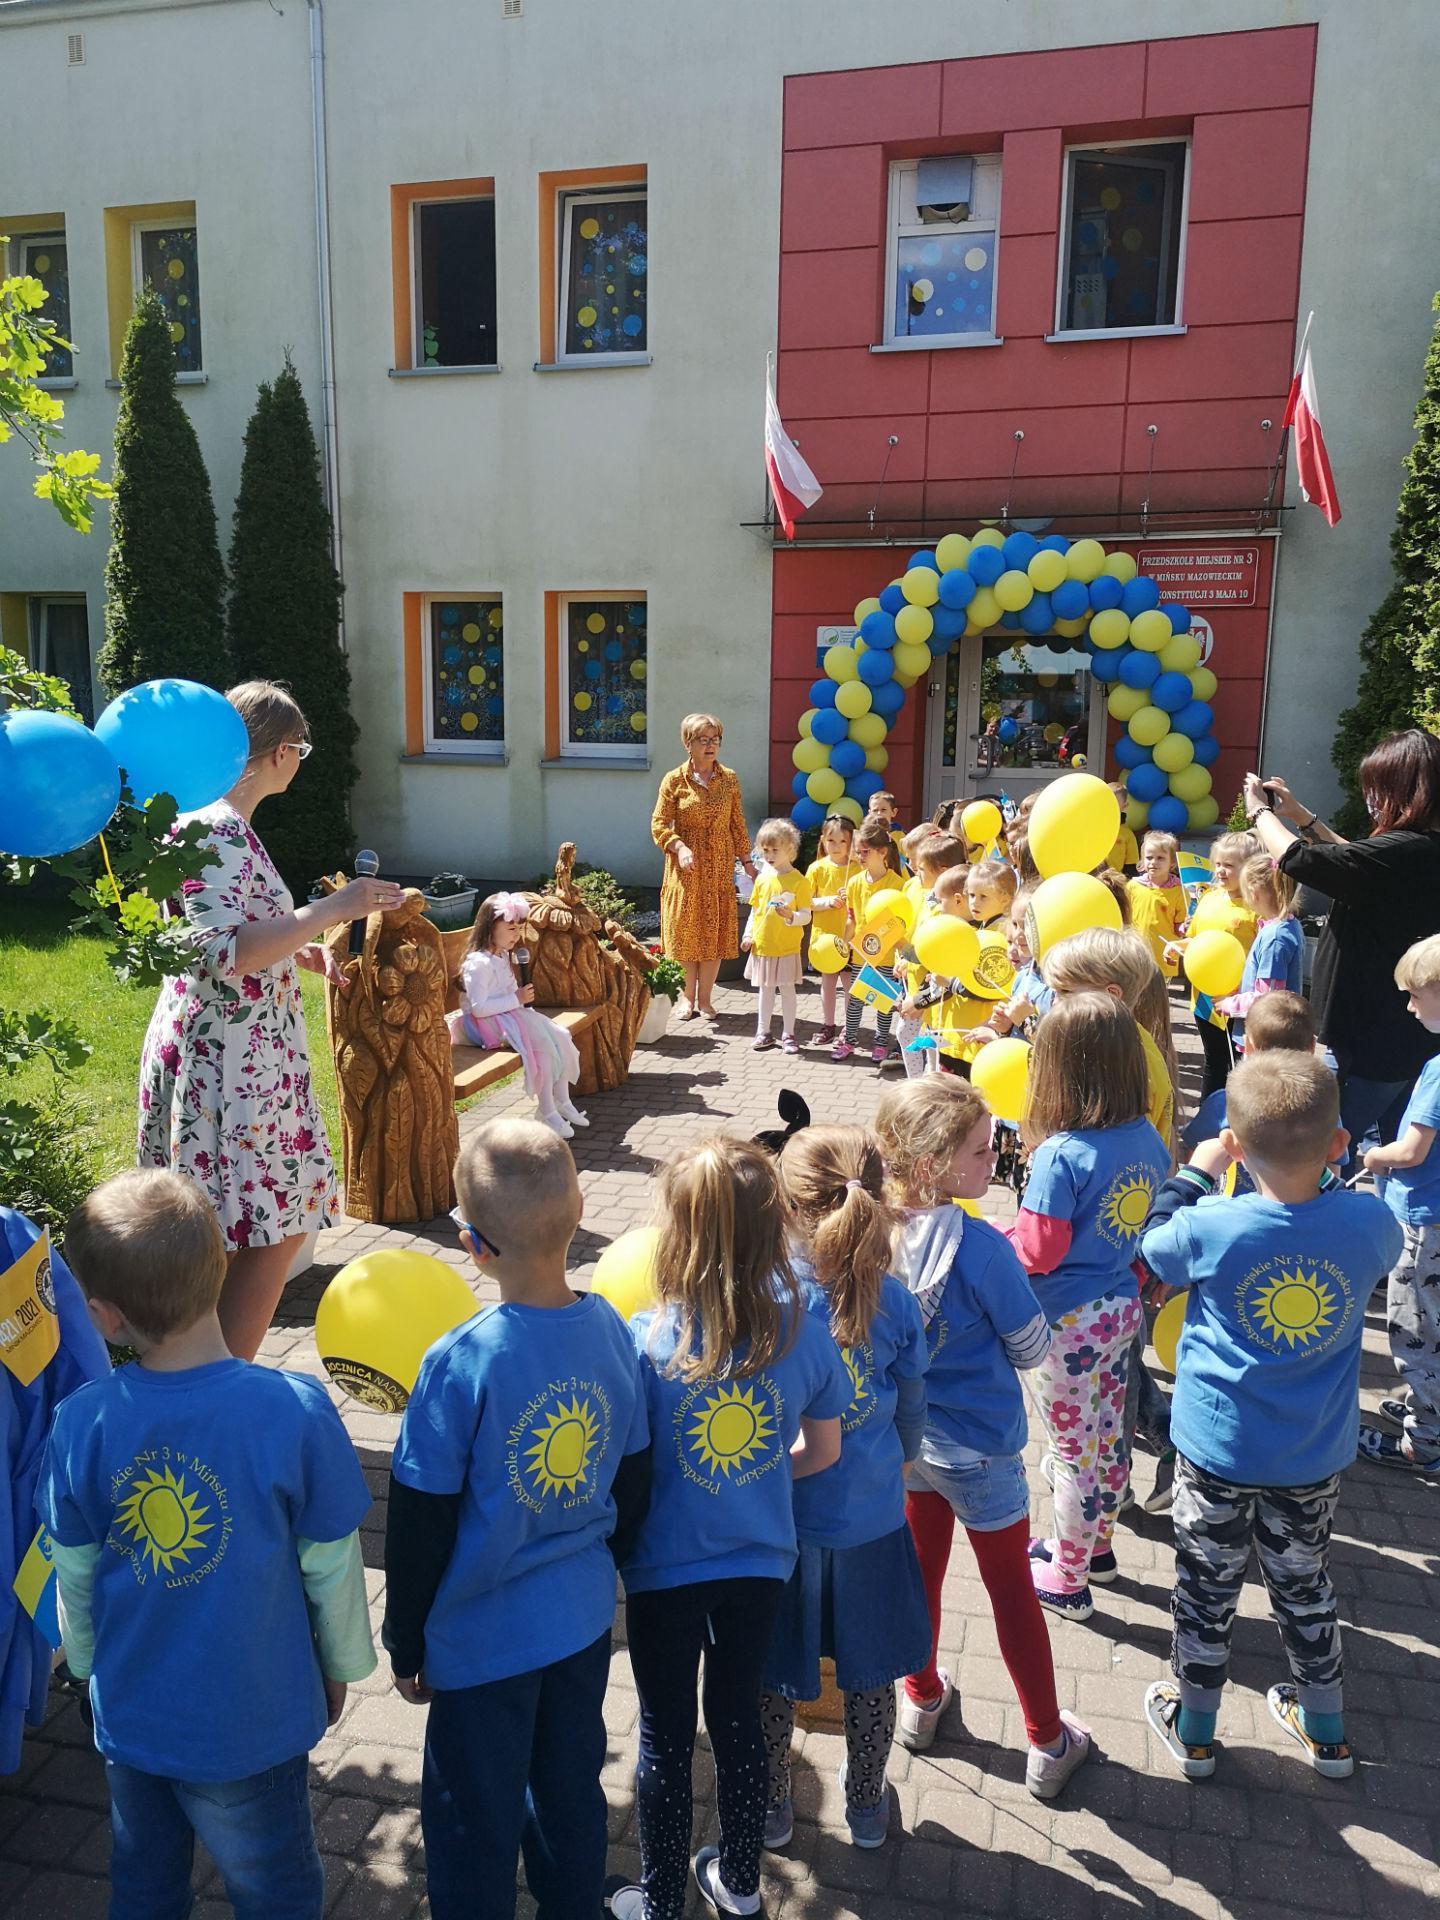 Fotografia wykonana przed przedszkolem miejskim nr 3. Dzieci ubrane w żółte i niebieskie podkoszulki otaczają półokręgiem drewnianą ławkę dekorowaną rzeźbiarsko, obok której stoi drugi zastępca burmistrza, Eliza Bujalska.